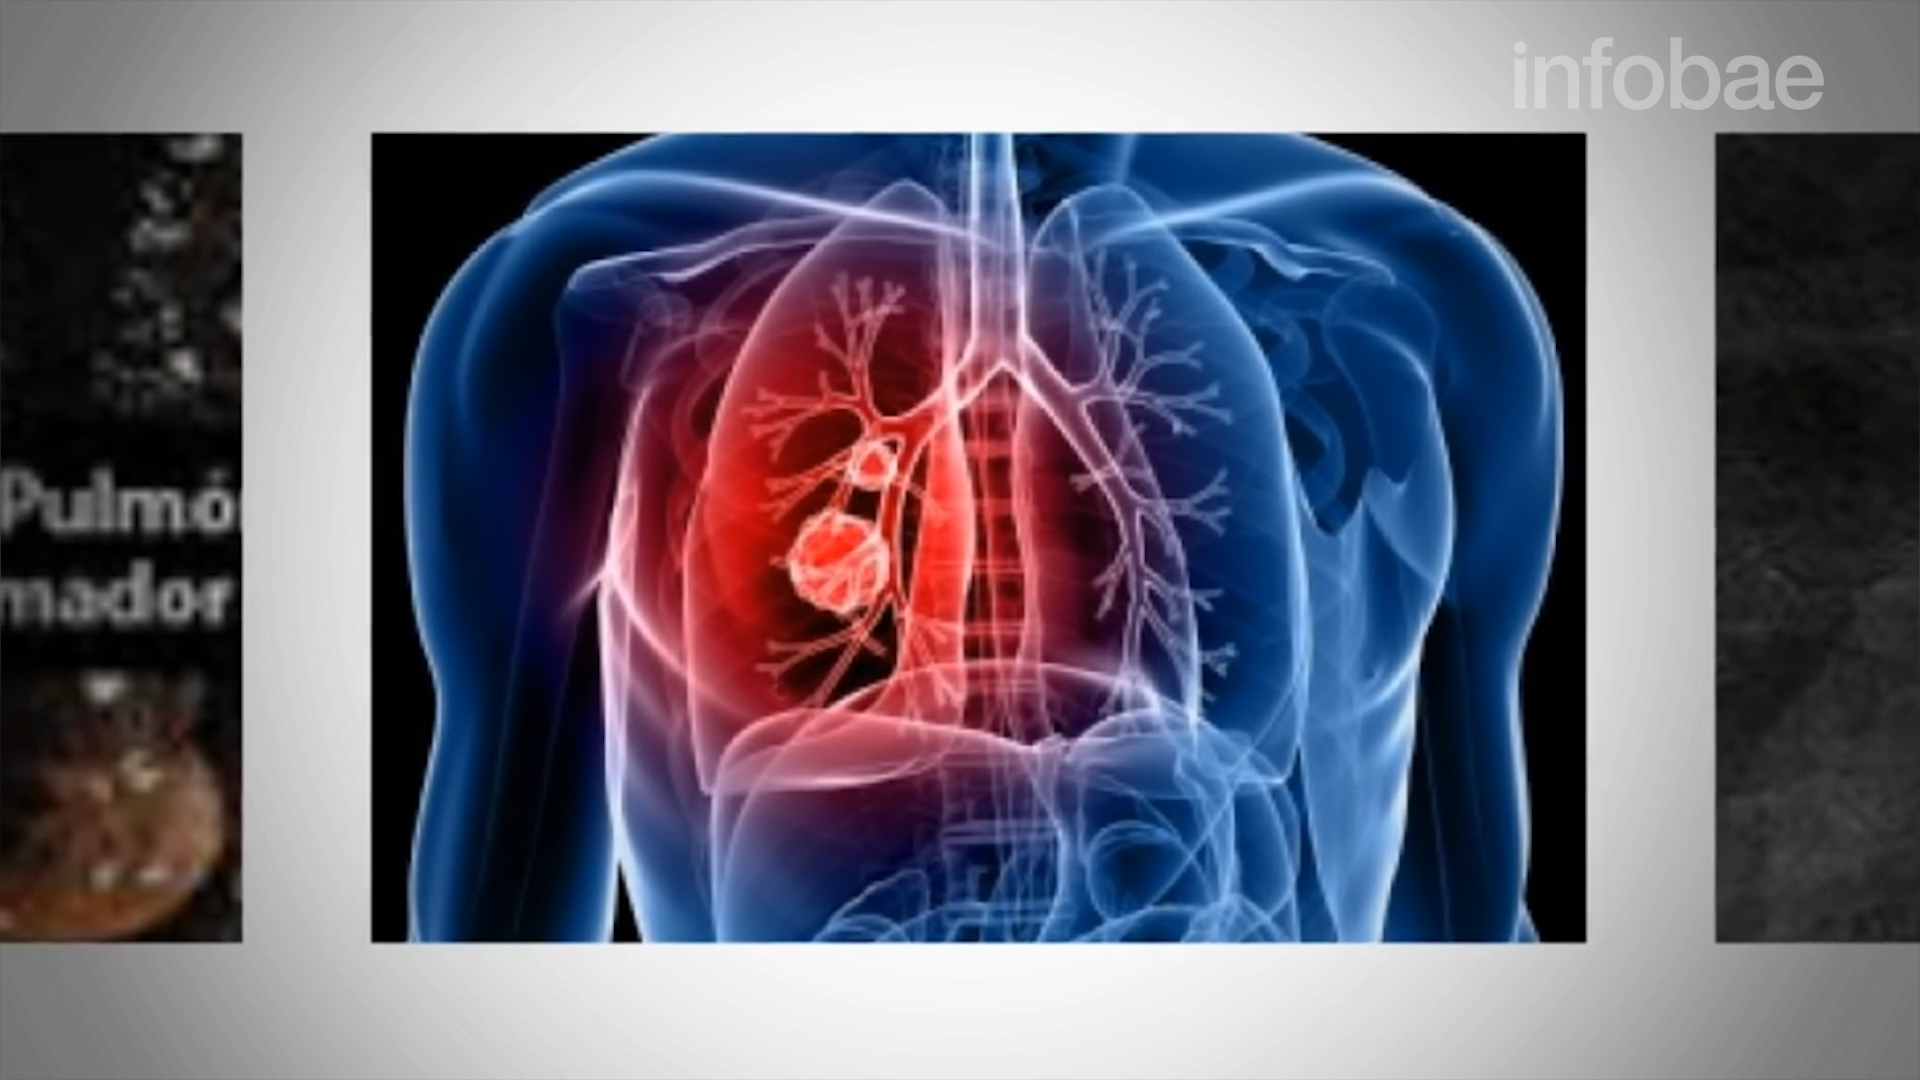 Cáncer de pulmón, el más letal en hombres